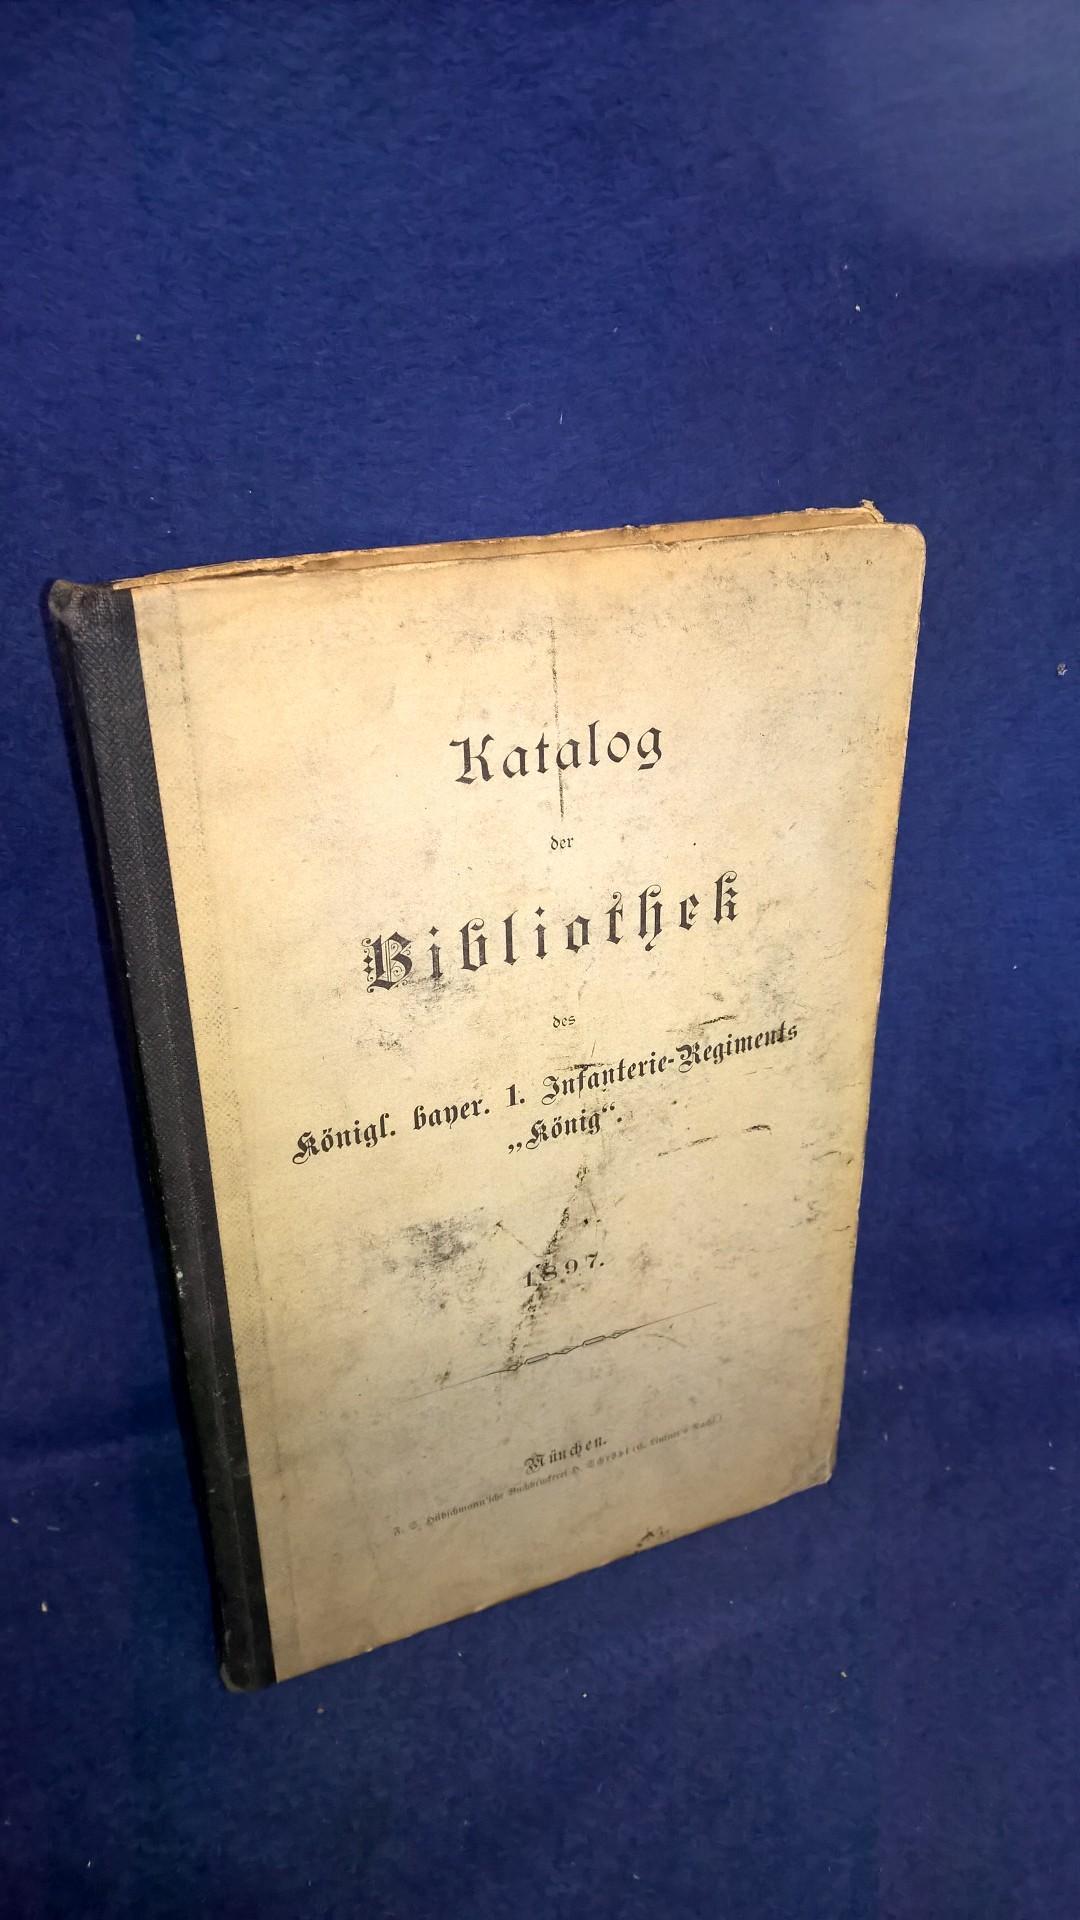 """Katalog der Bibliothek des königl. bayer. 1. Infanterie-Regiments """"König"""", 1897. Seltenes Orginal!"""